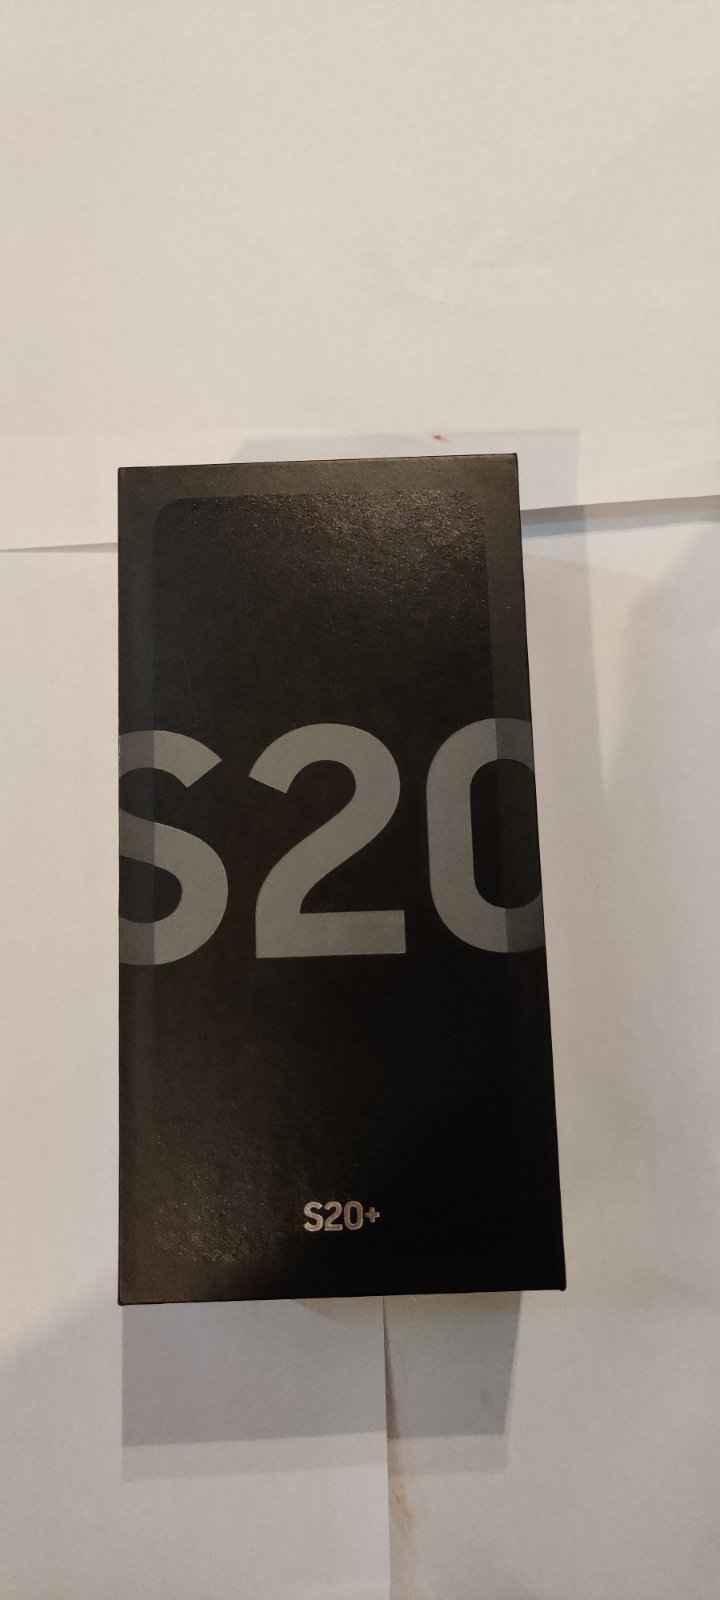 Sprzedam samsung s20+ Fabryczna - zdjęcie 3